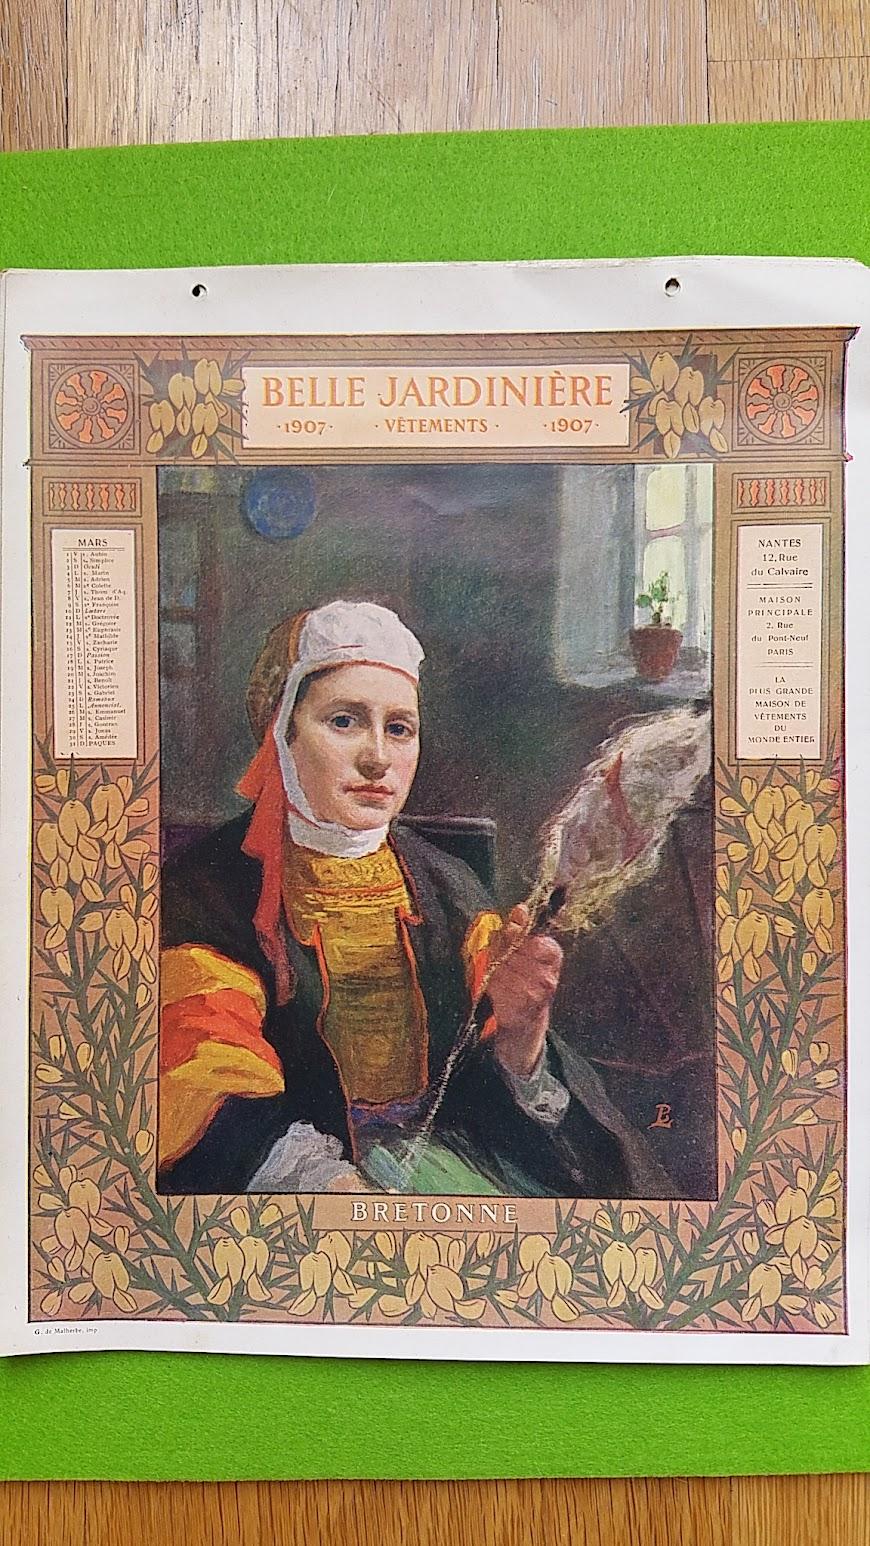 Kalender - Maison de la Belle Jardiniere - Paris - 1907